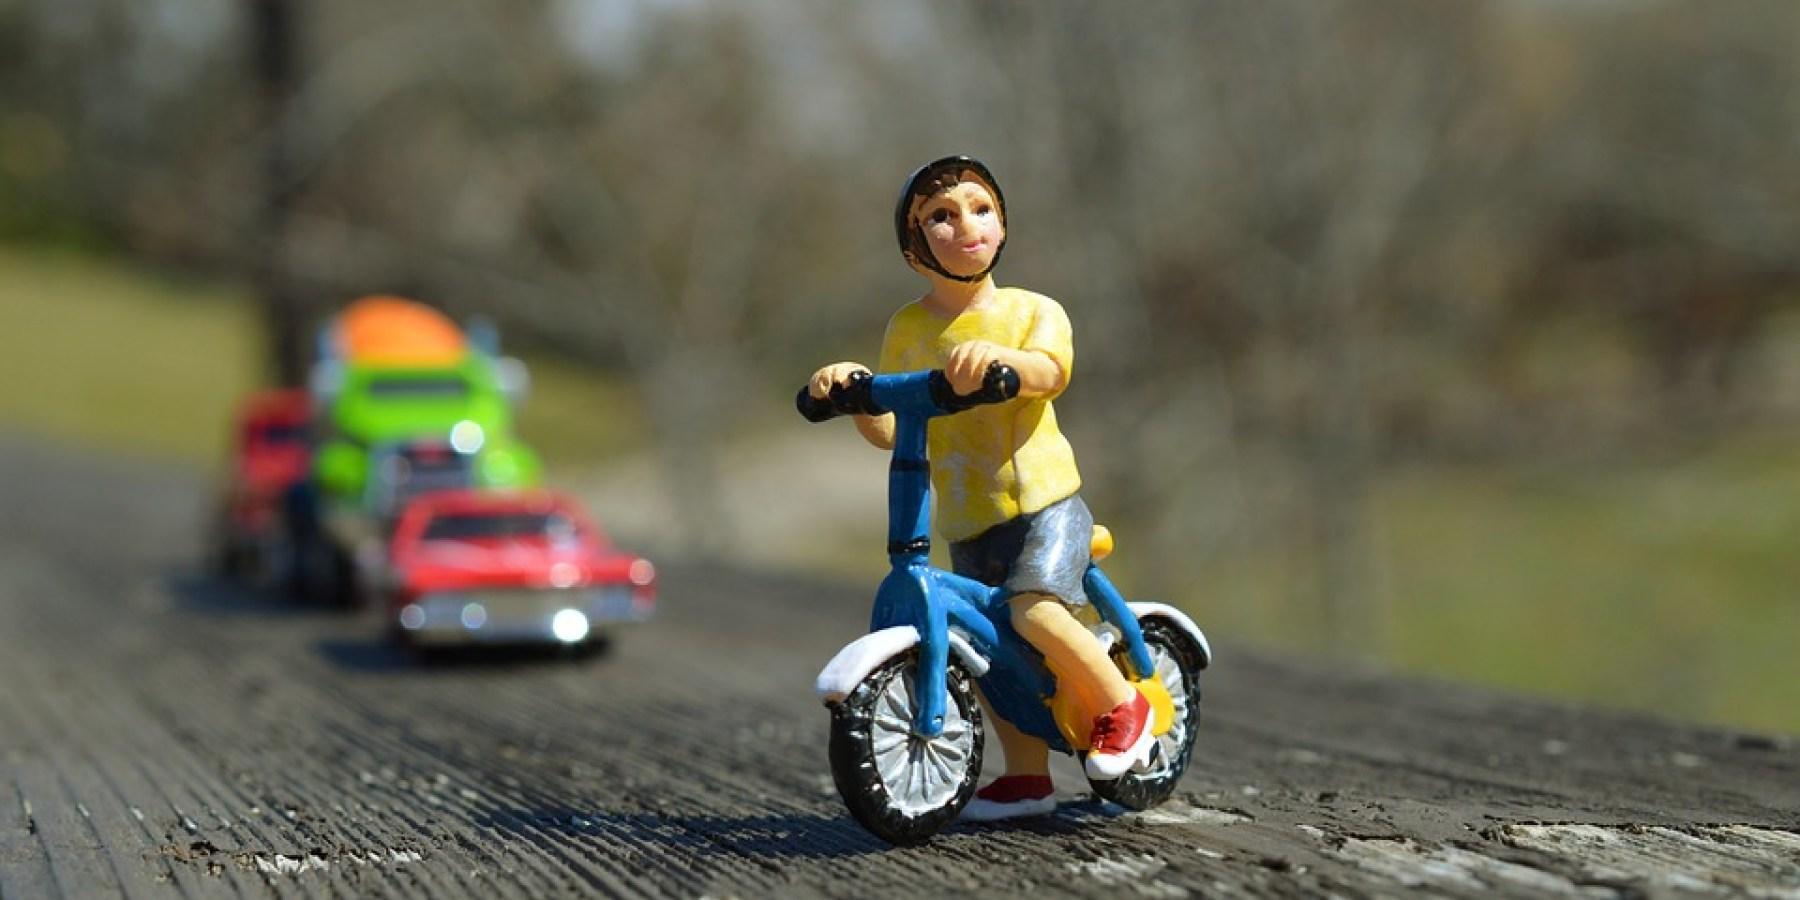 Unfall an der Gartenstraße – Verletzter Fahrradfahrer gesucht